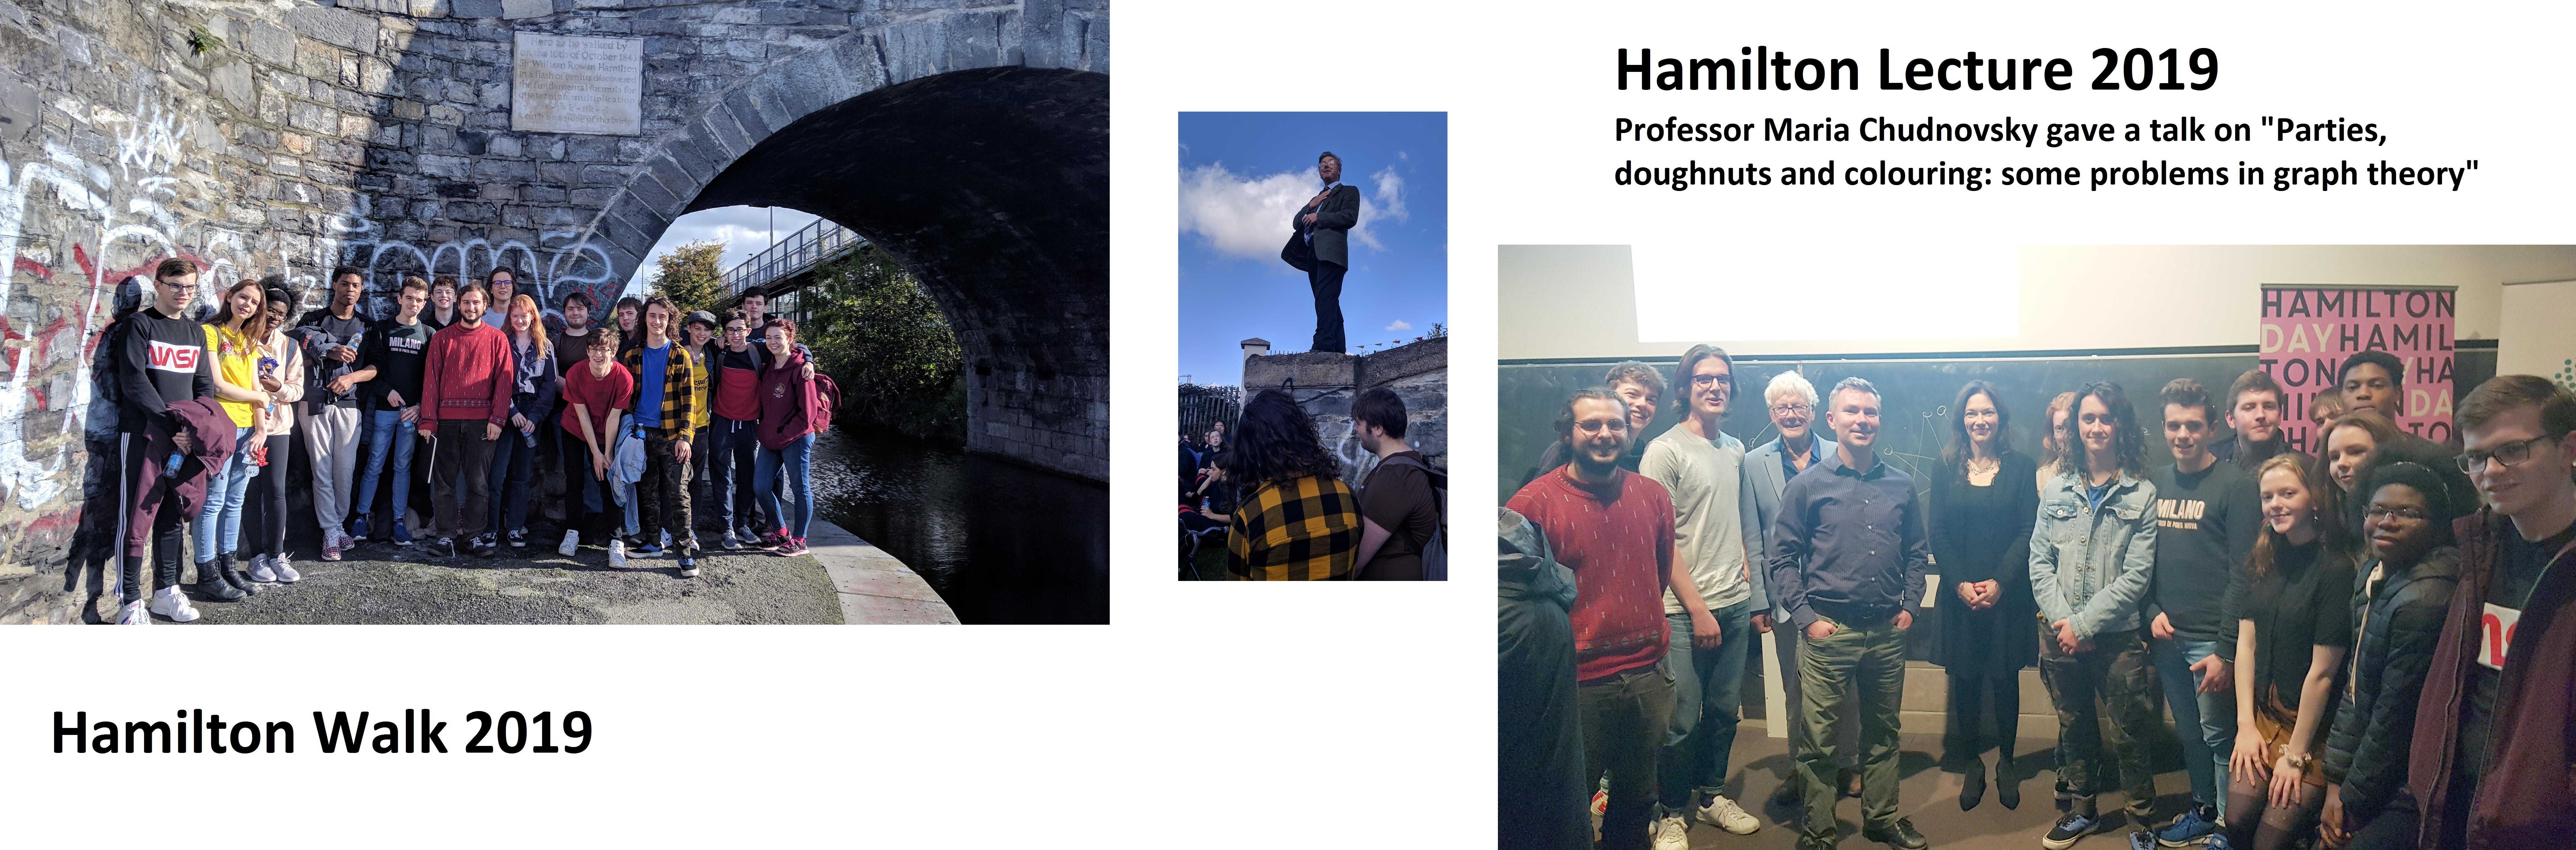 Hamilton Day 2019